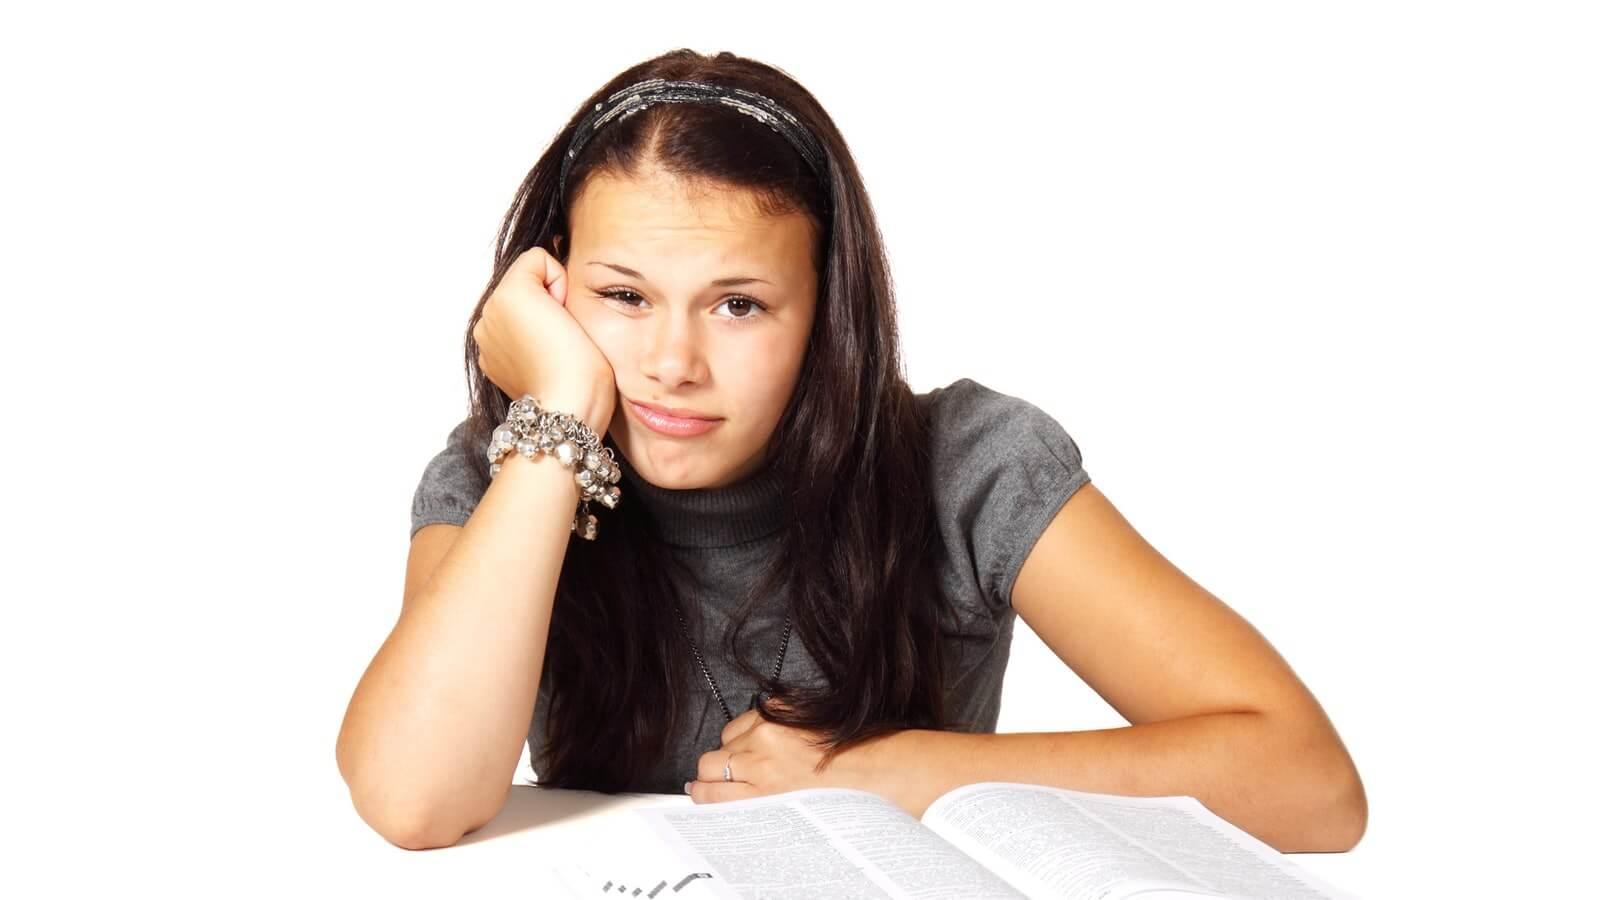 Üniversitede Öğretmenlerinizden Memnun Kalmadığınızda Yapabileceğiniz 5 Şey